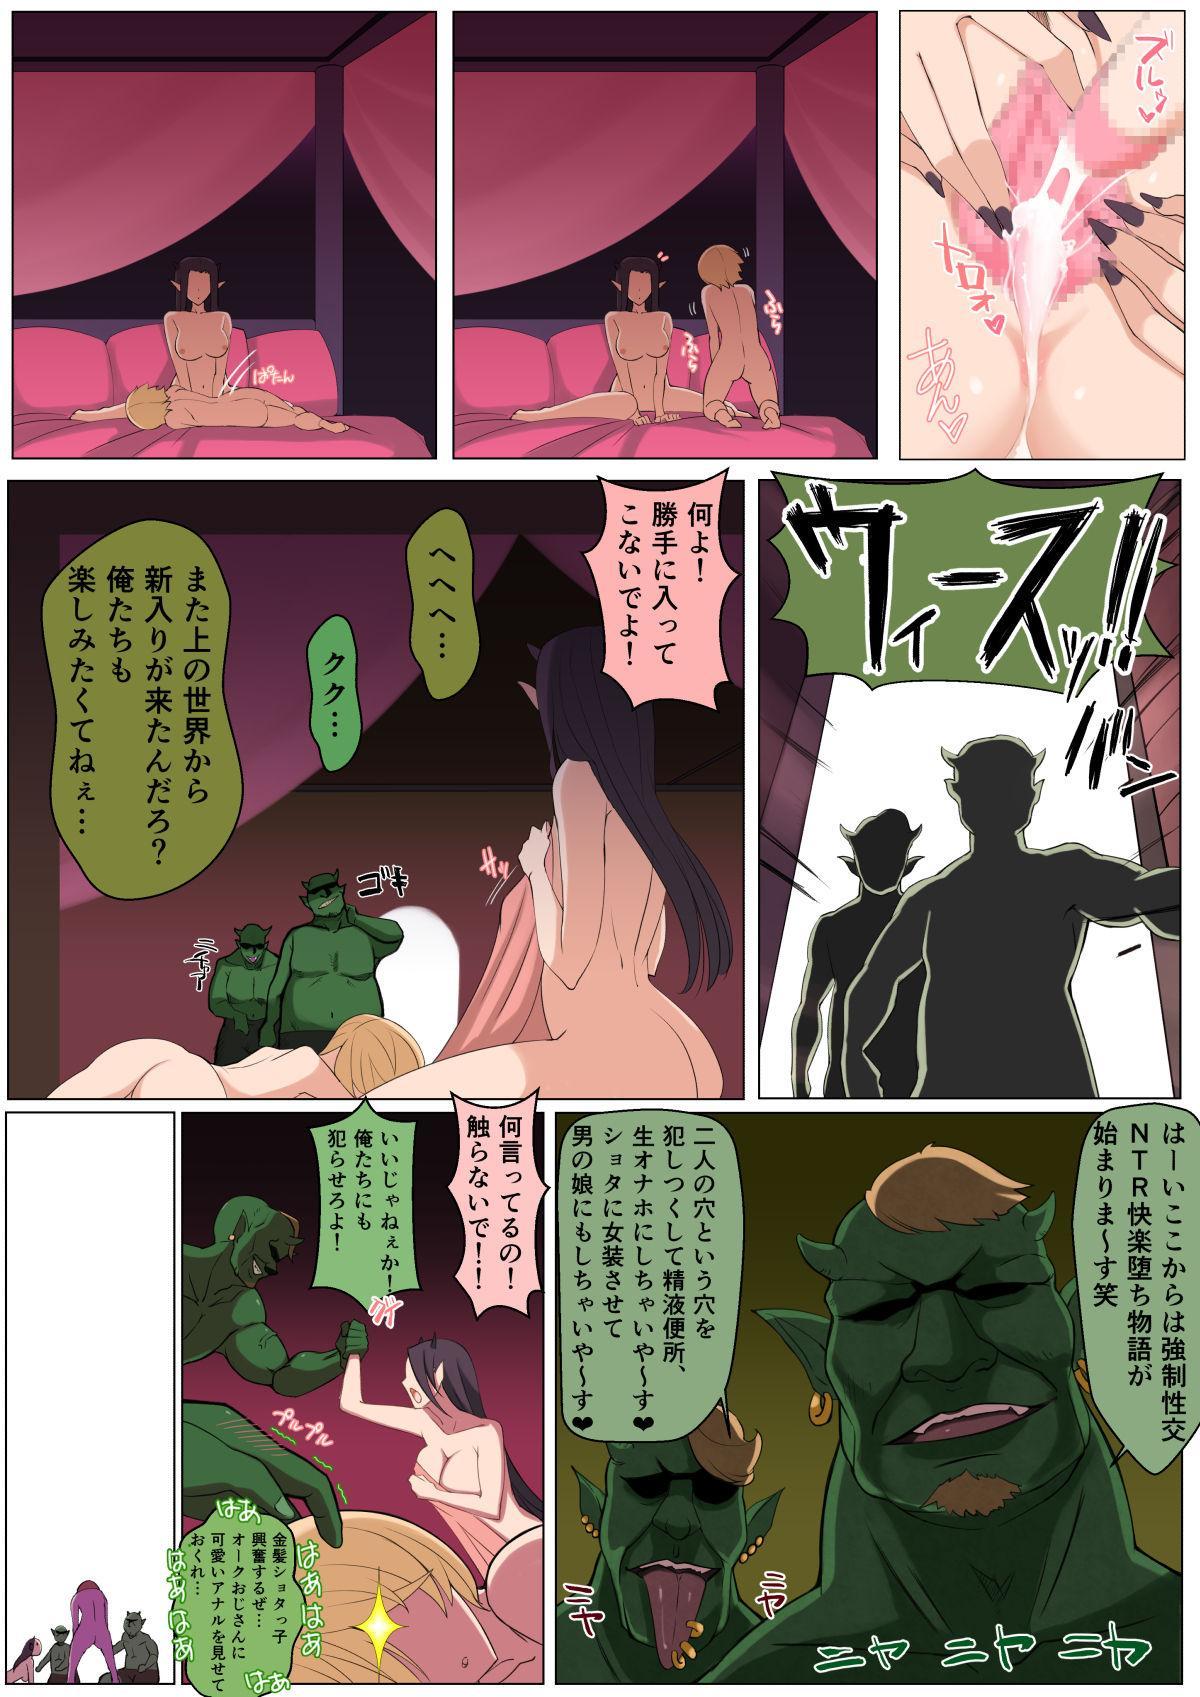 Yami no Sekai ni Ochitara Succubus Mama ni Otosaremashita 46